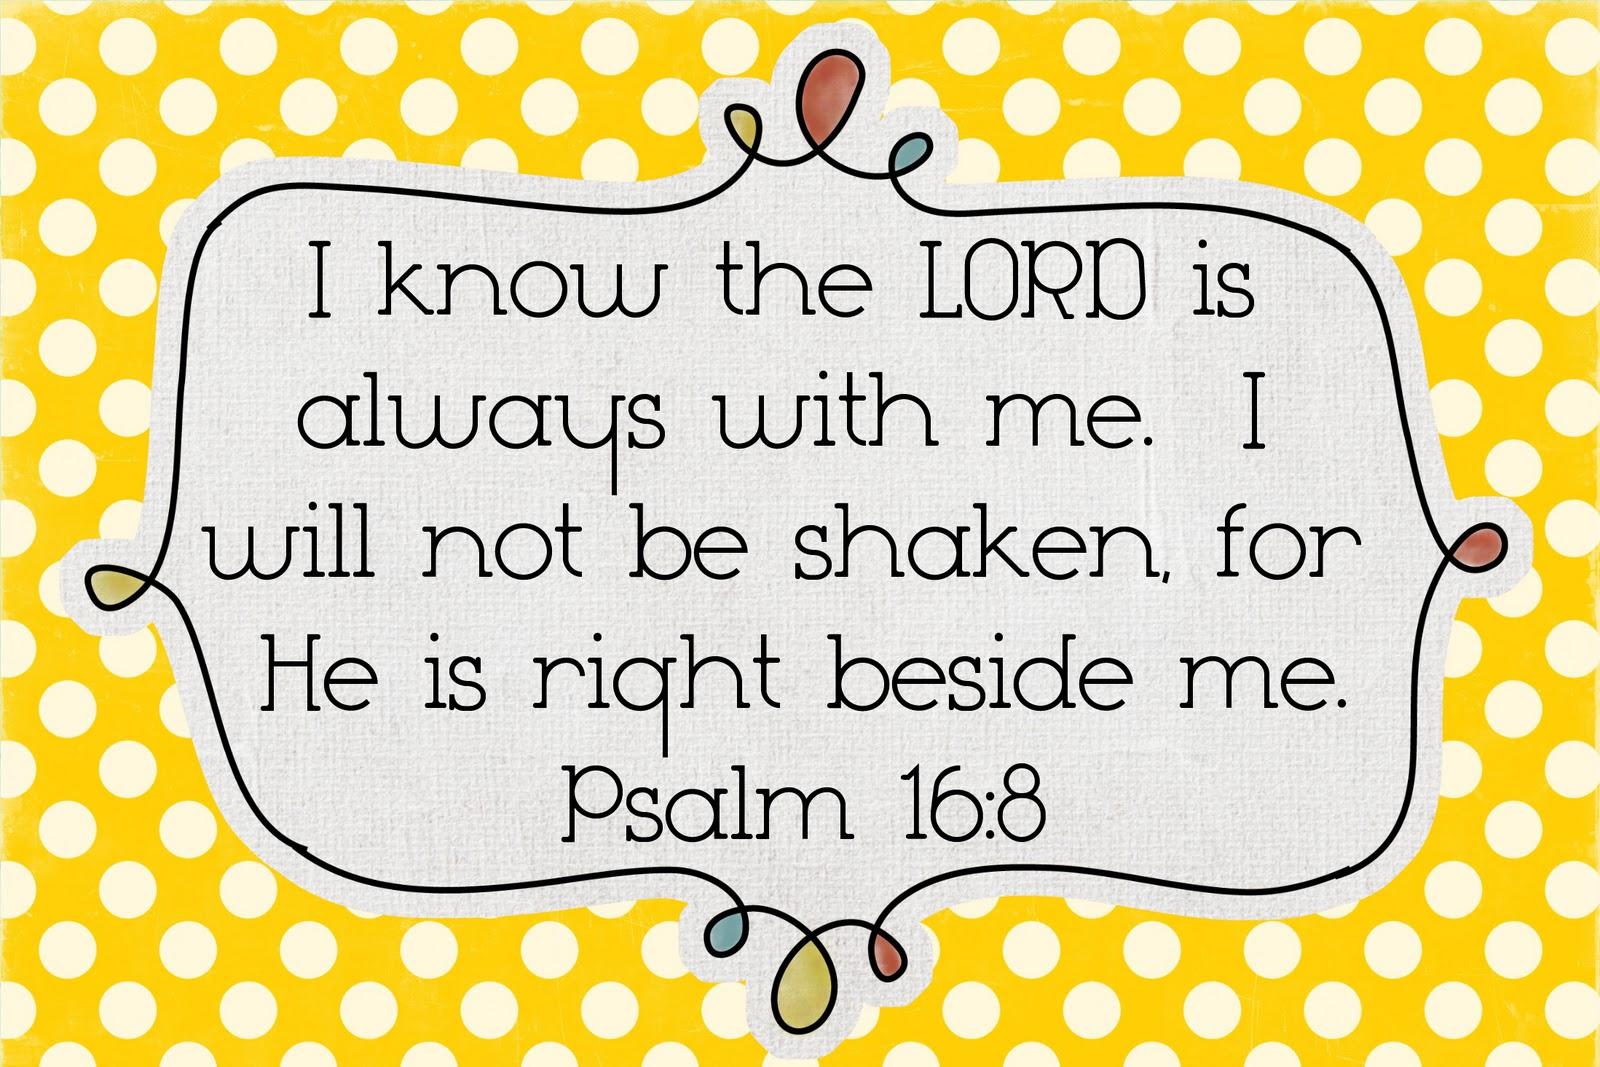 http://3.bp.blogspot.com/_uWvhsVhg1OA/TNdAZwvUYKI/AAAAAAAAFfg/pequLLkkJxM/s1600/psalm16.8.jpg